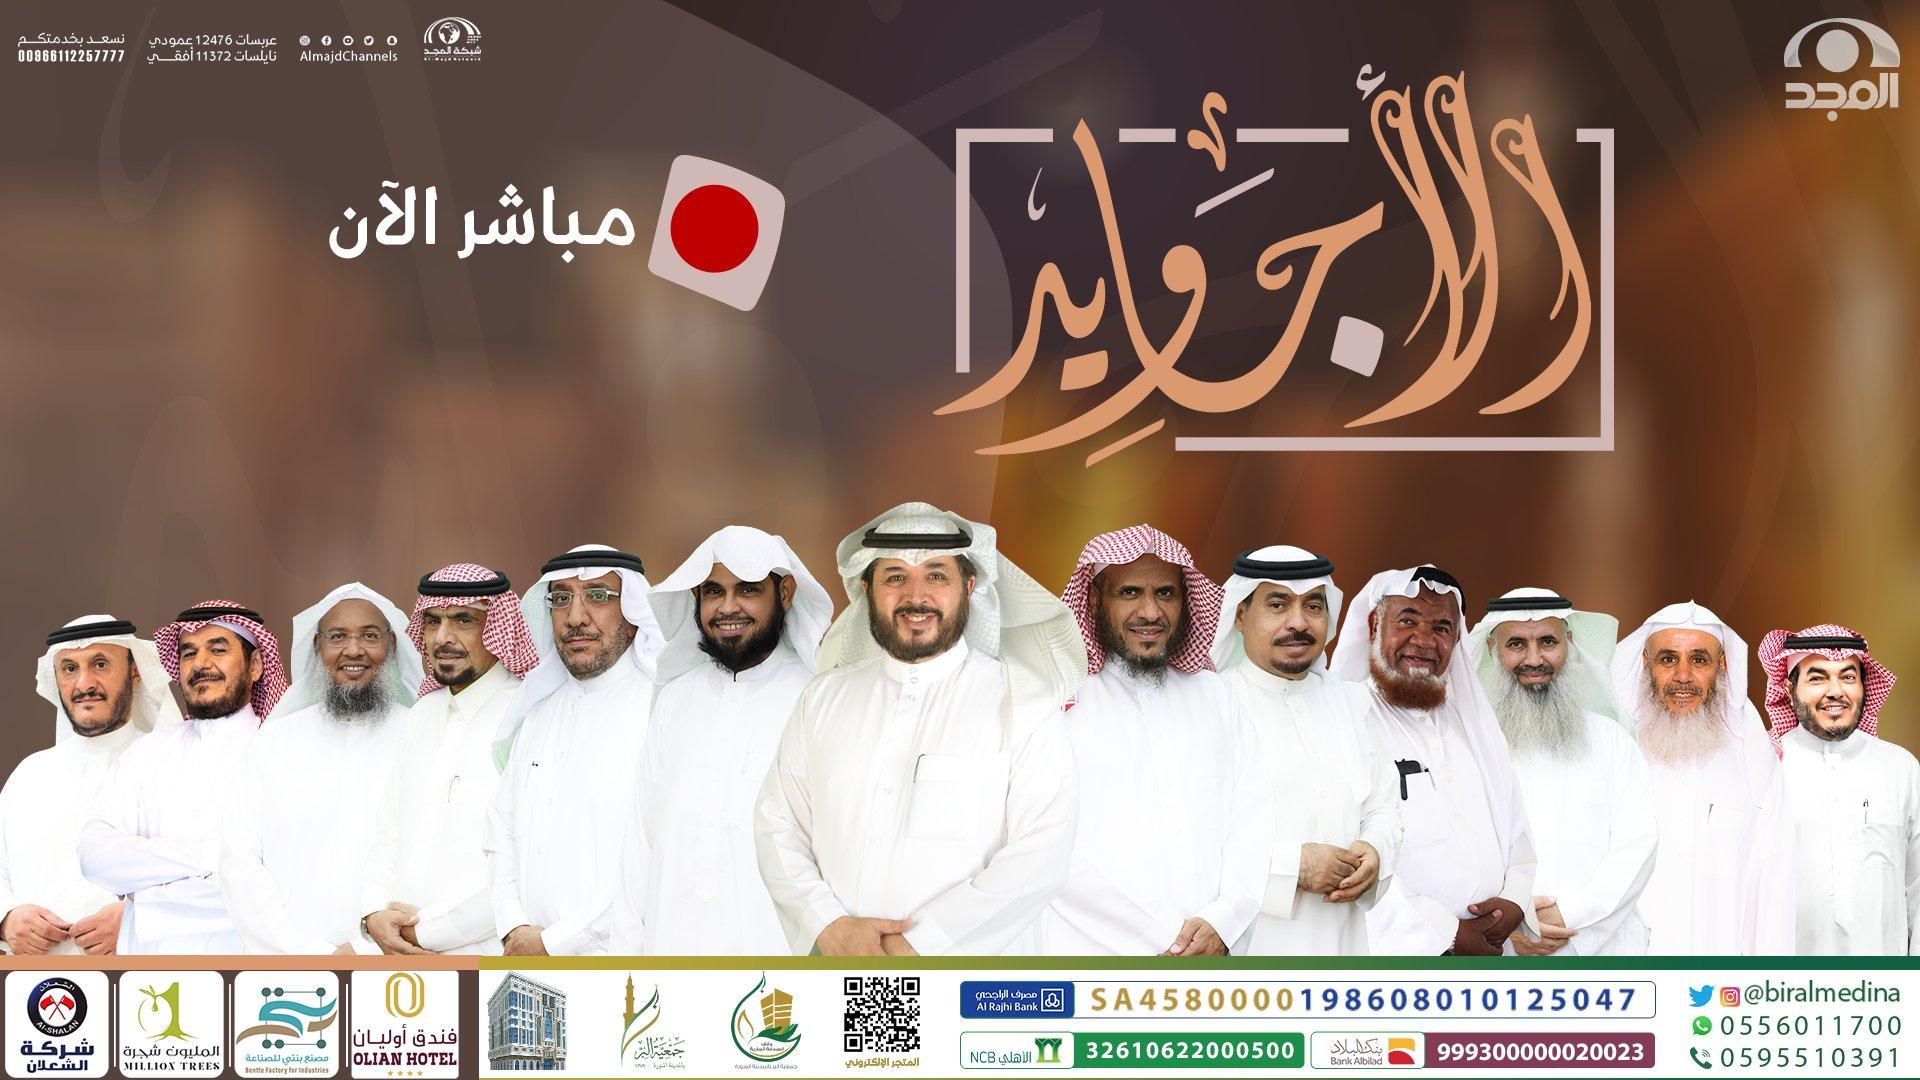 #برنامج_الاجاويد99 Twitter